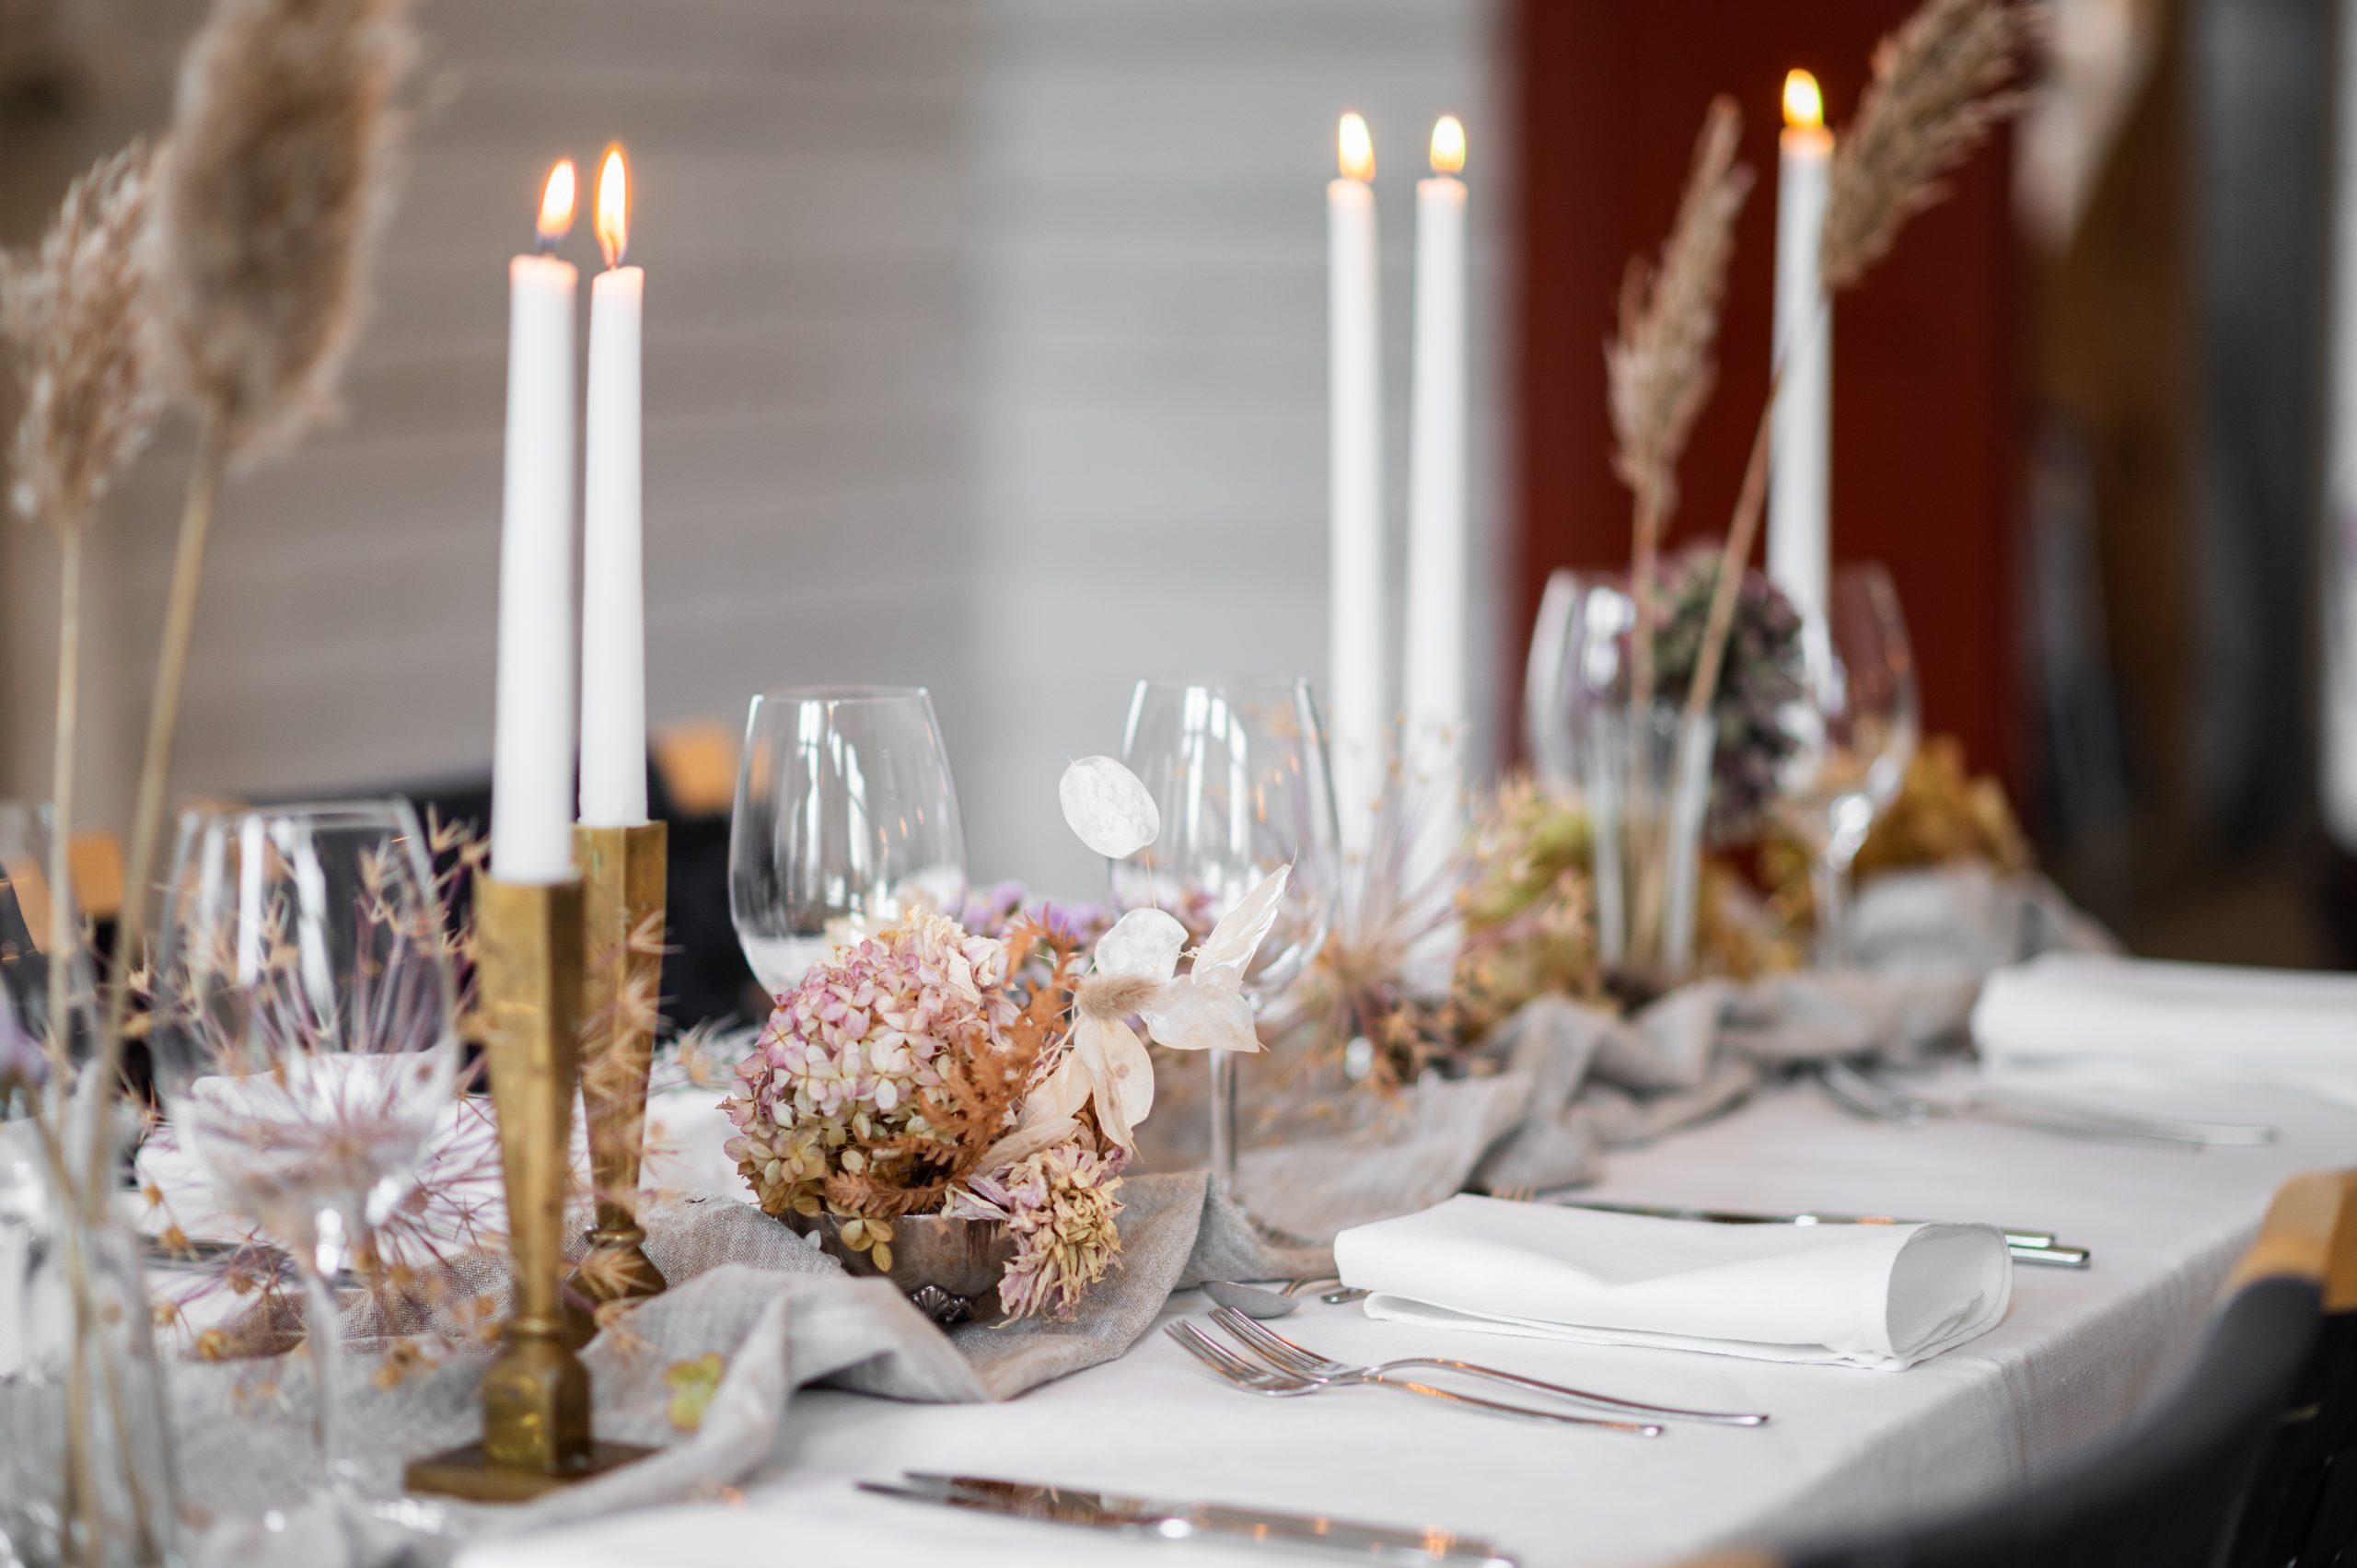 uppdukat bord med levande ljus och torkade blommor